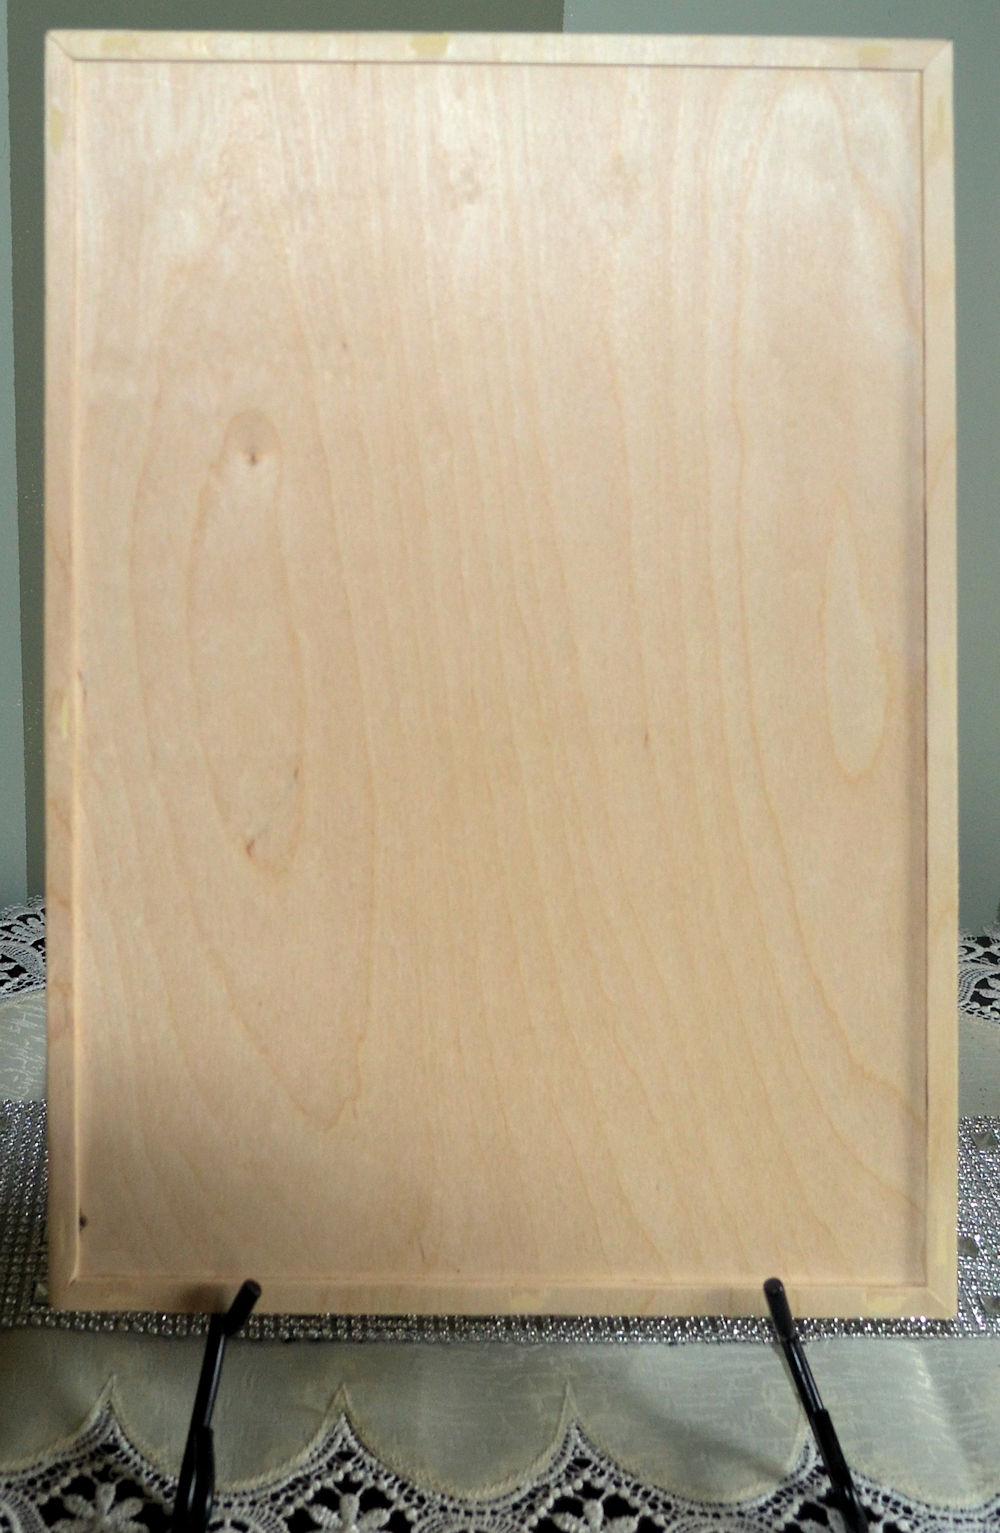 wood-frame-12-x-16-120rs201701-2.jpg